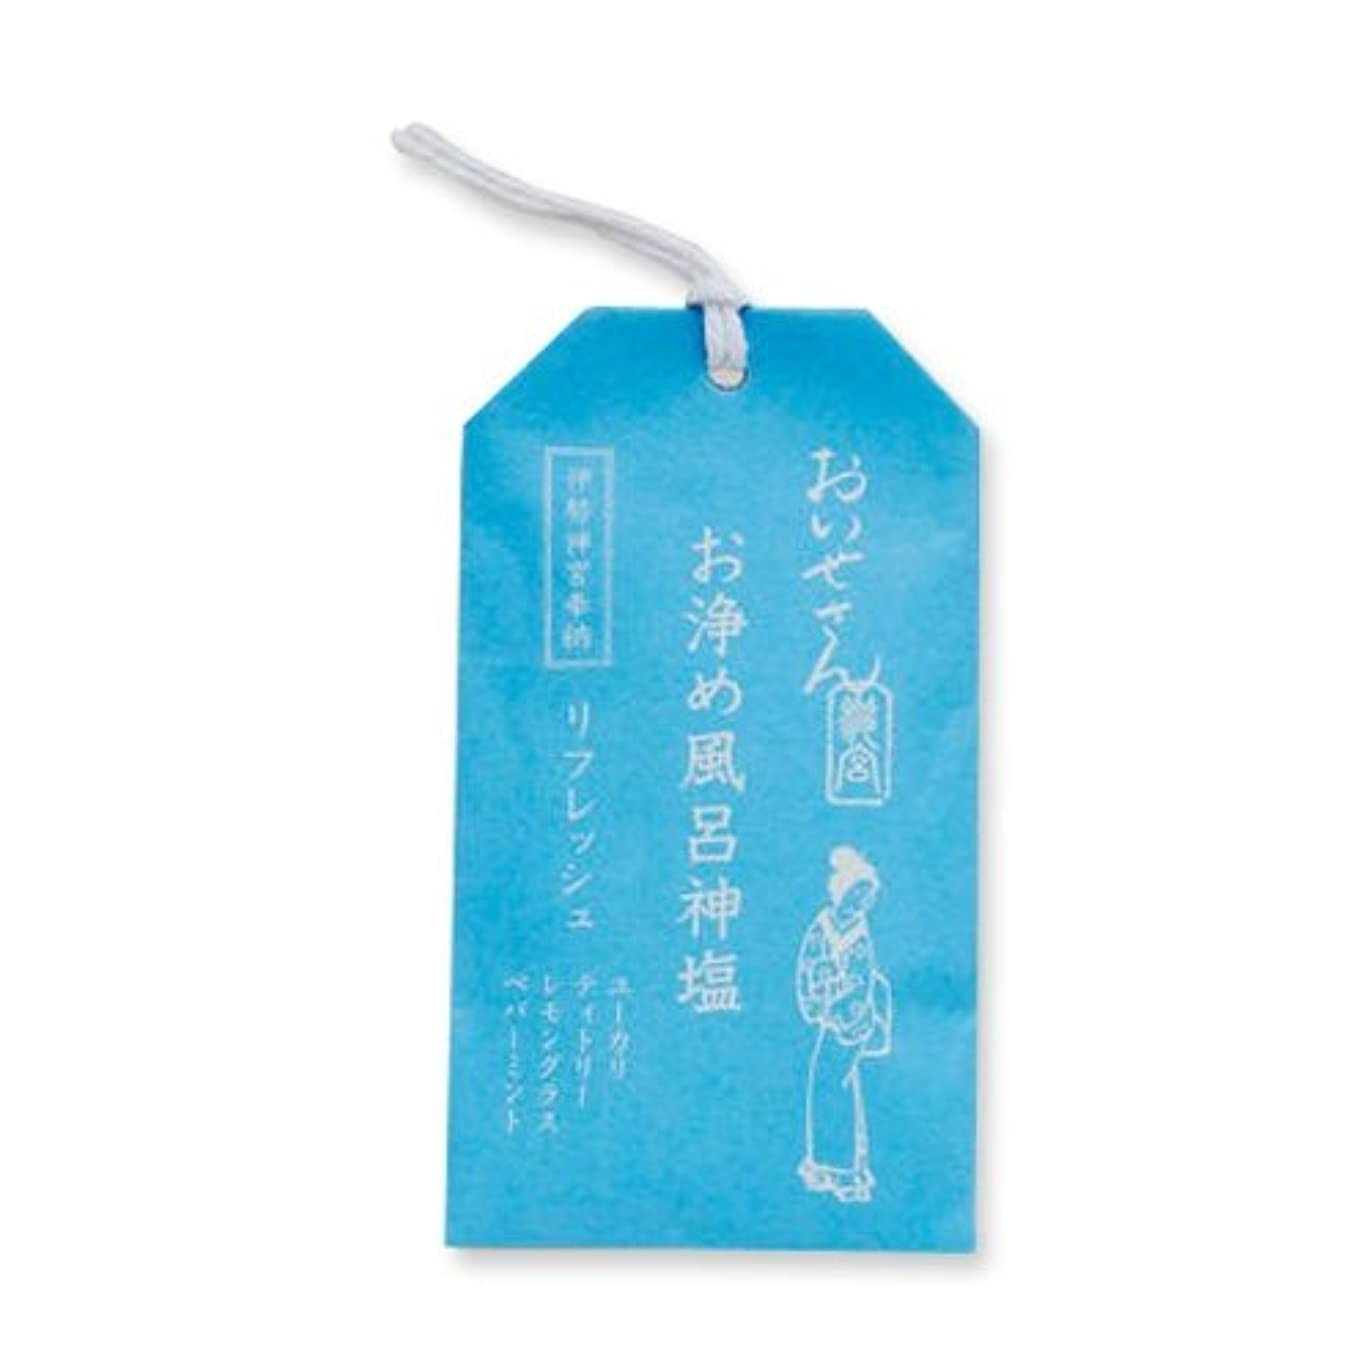 タイプライター水族館知り合いになるおいせさん お浄め風呂神塩 バス用ソルト(リフレッシュ) 20g